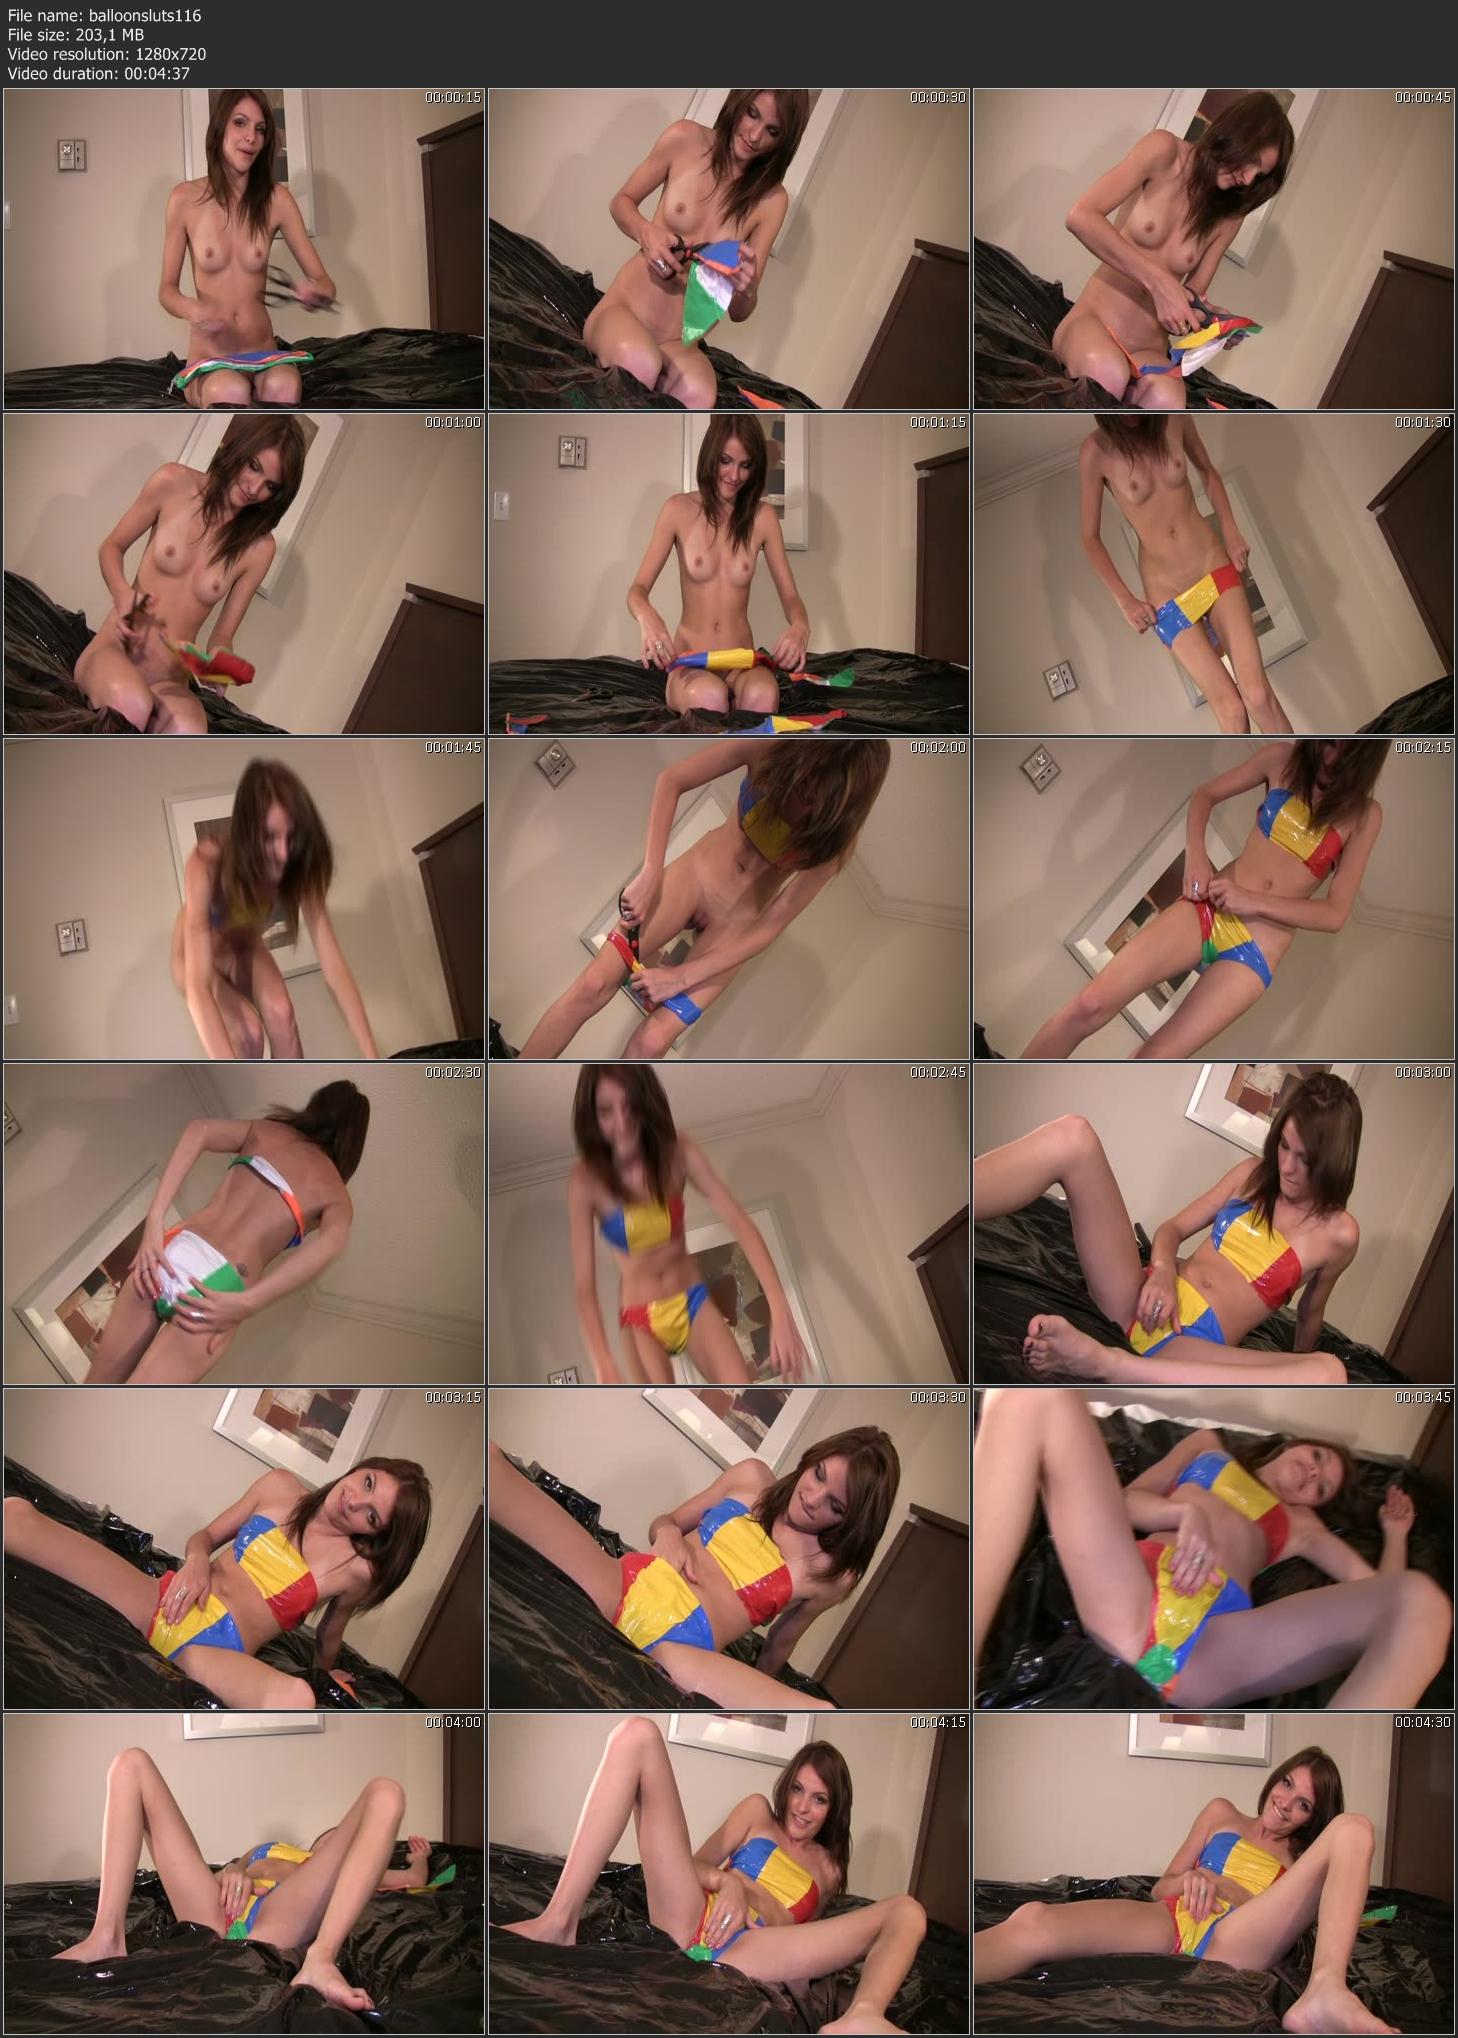 balloonsluts116 (image 2),